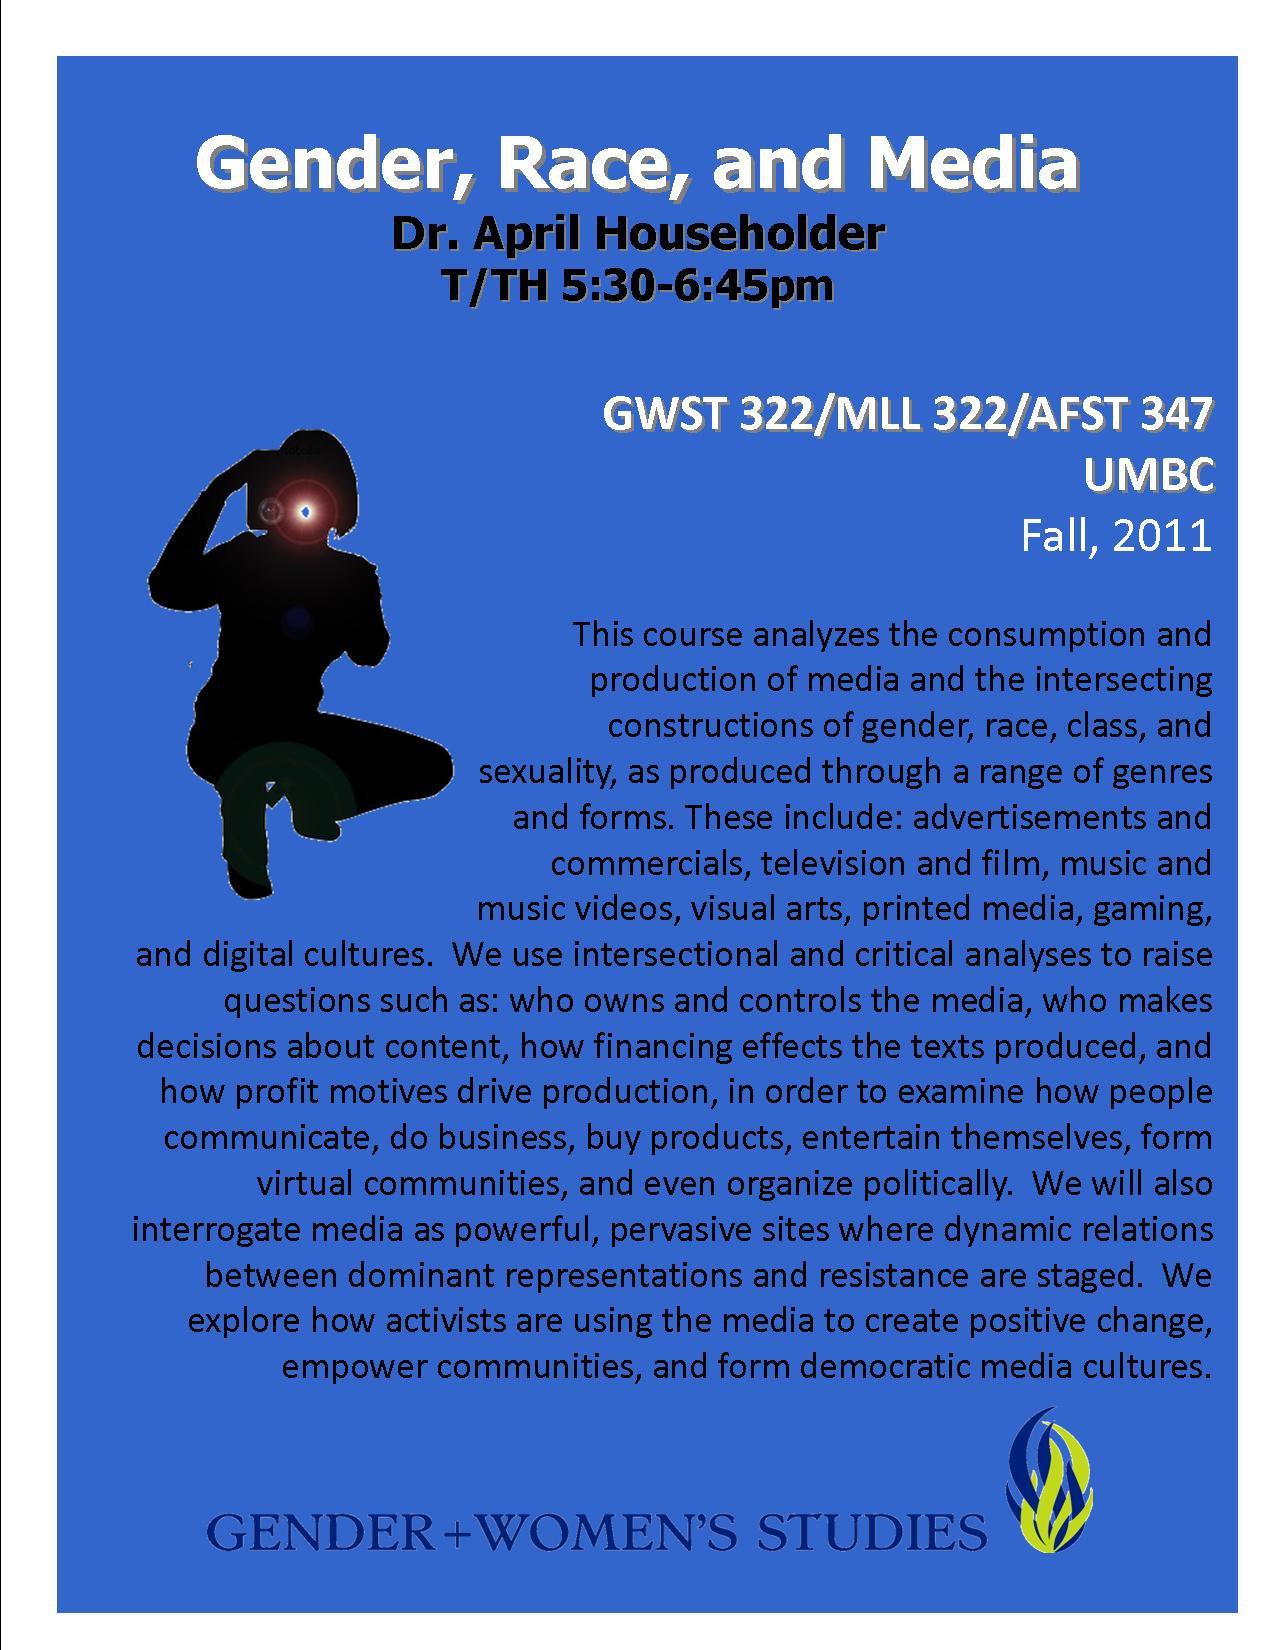 GWST 322